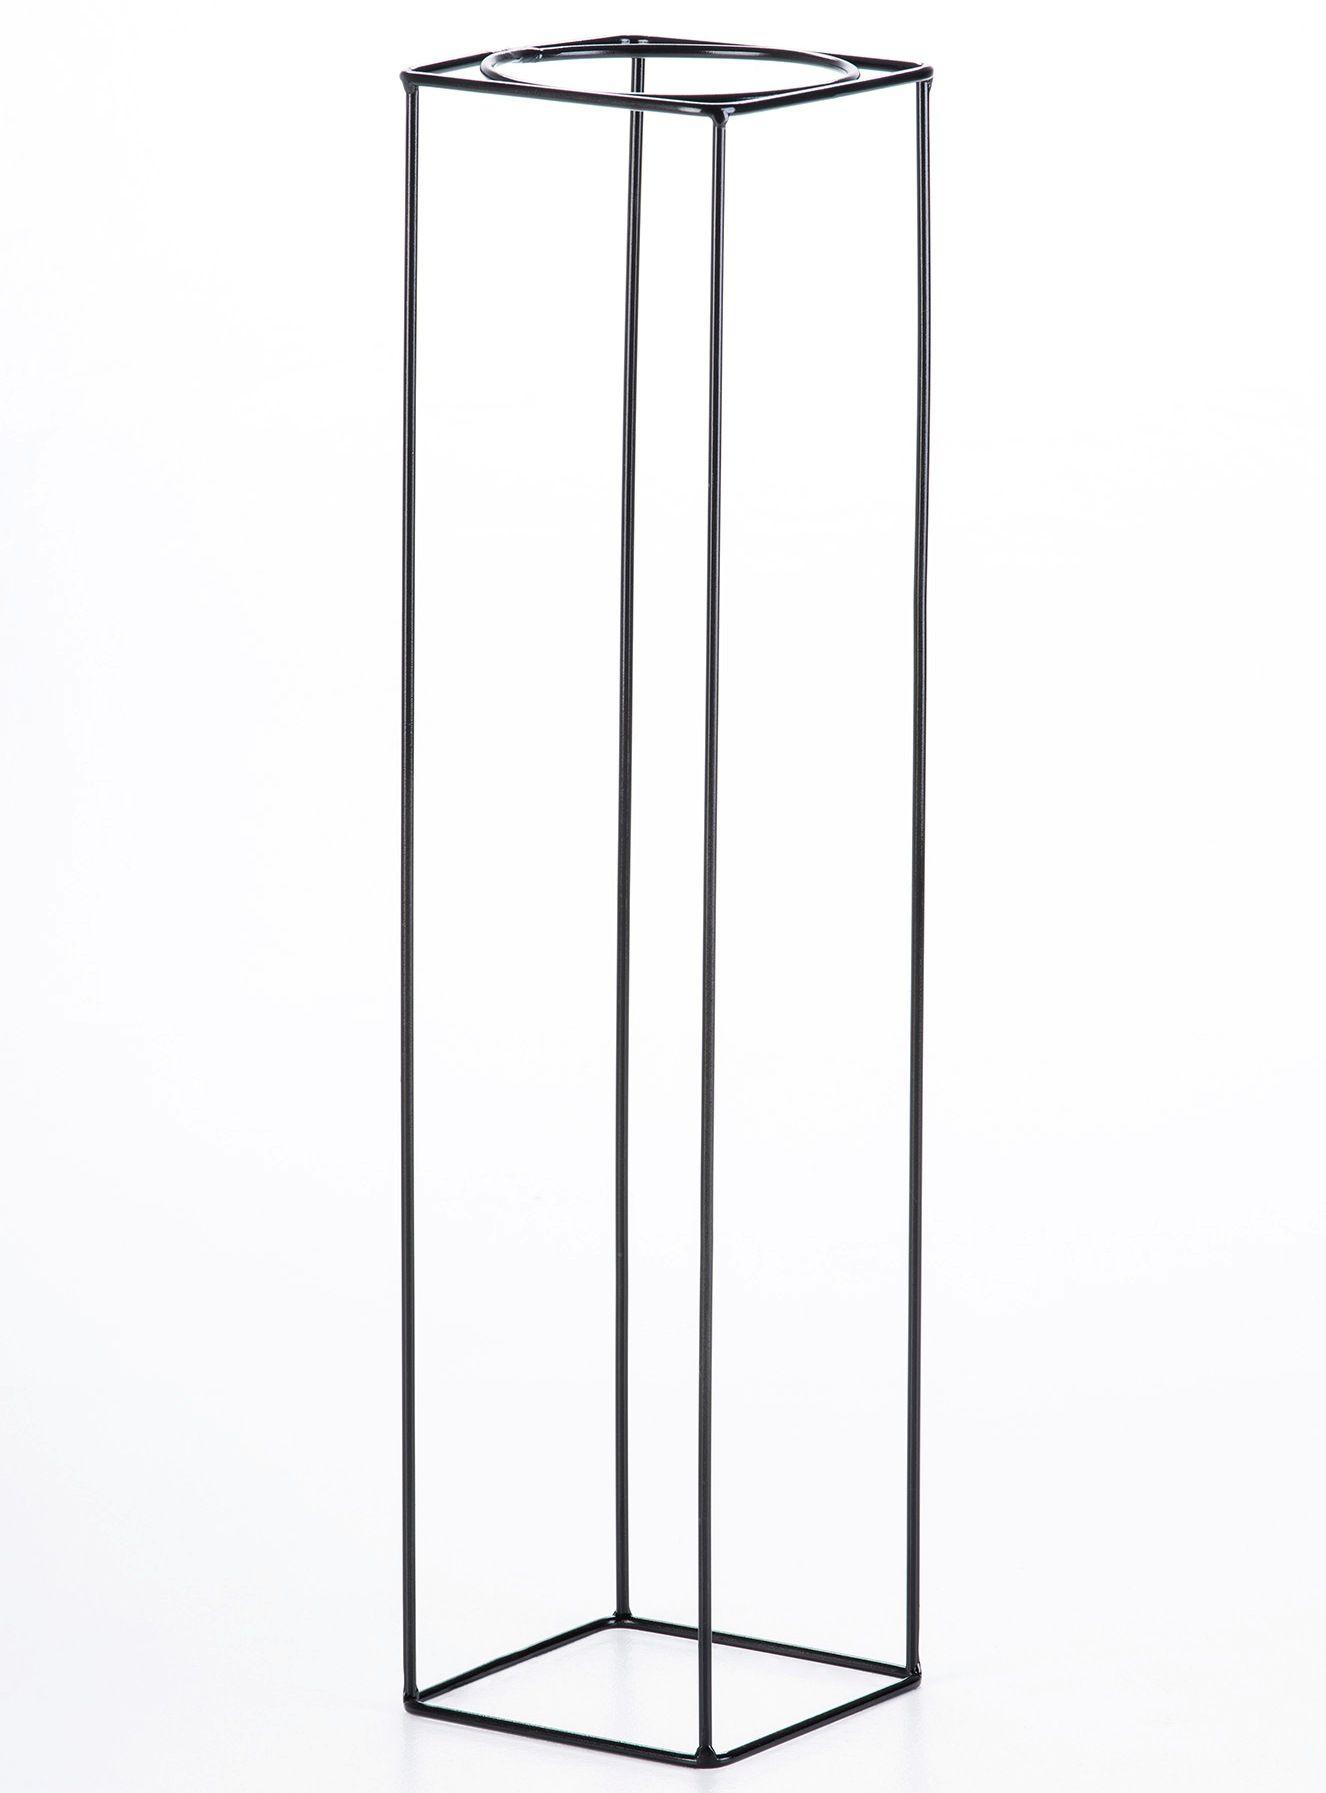 Suporte de vaso quadrado GG - Soluza